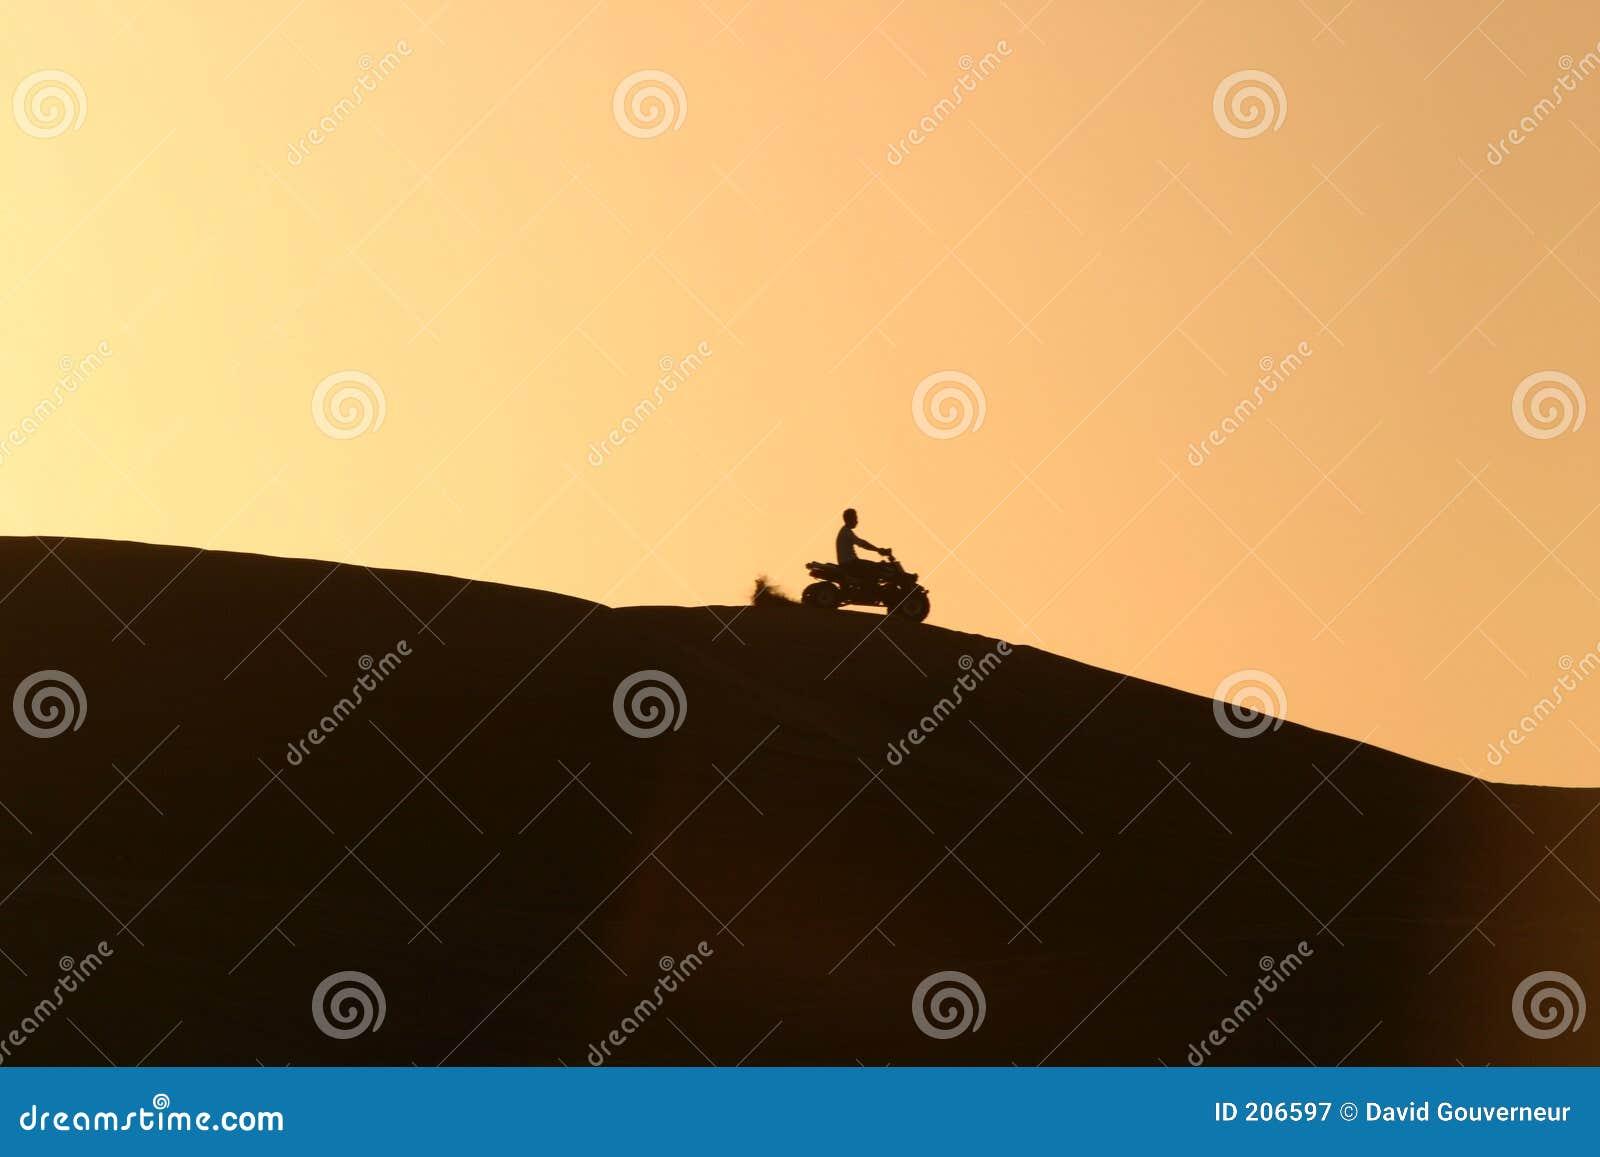 Quadrato che Biking nel deserto